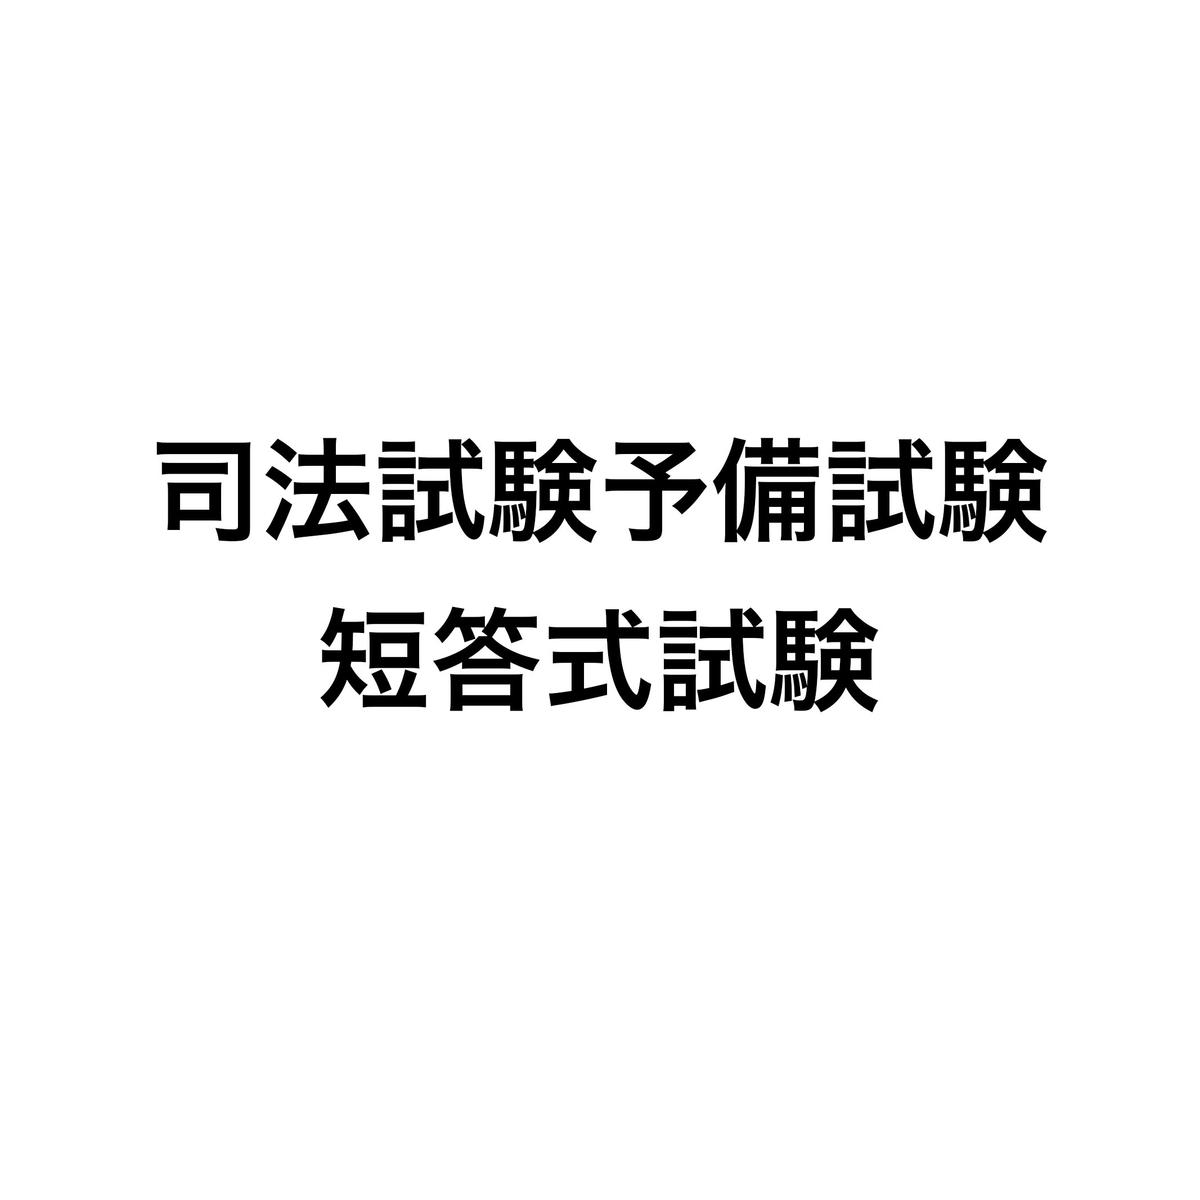 f:id:tidus_tabilog:20210528154335j:plain